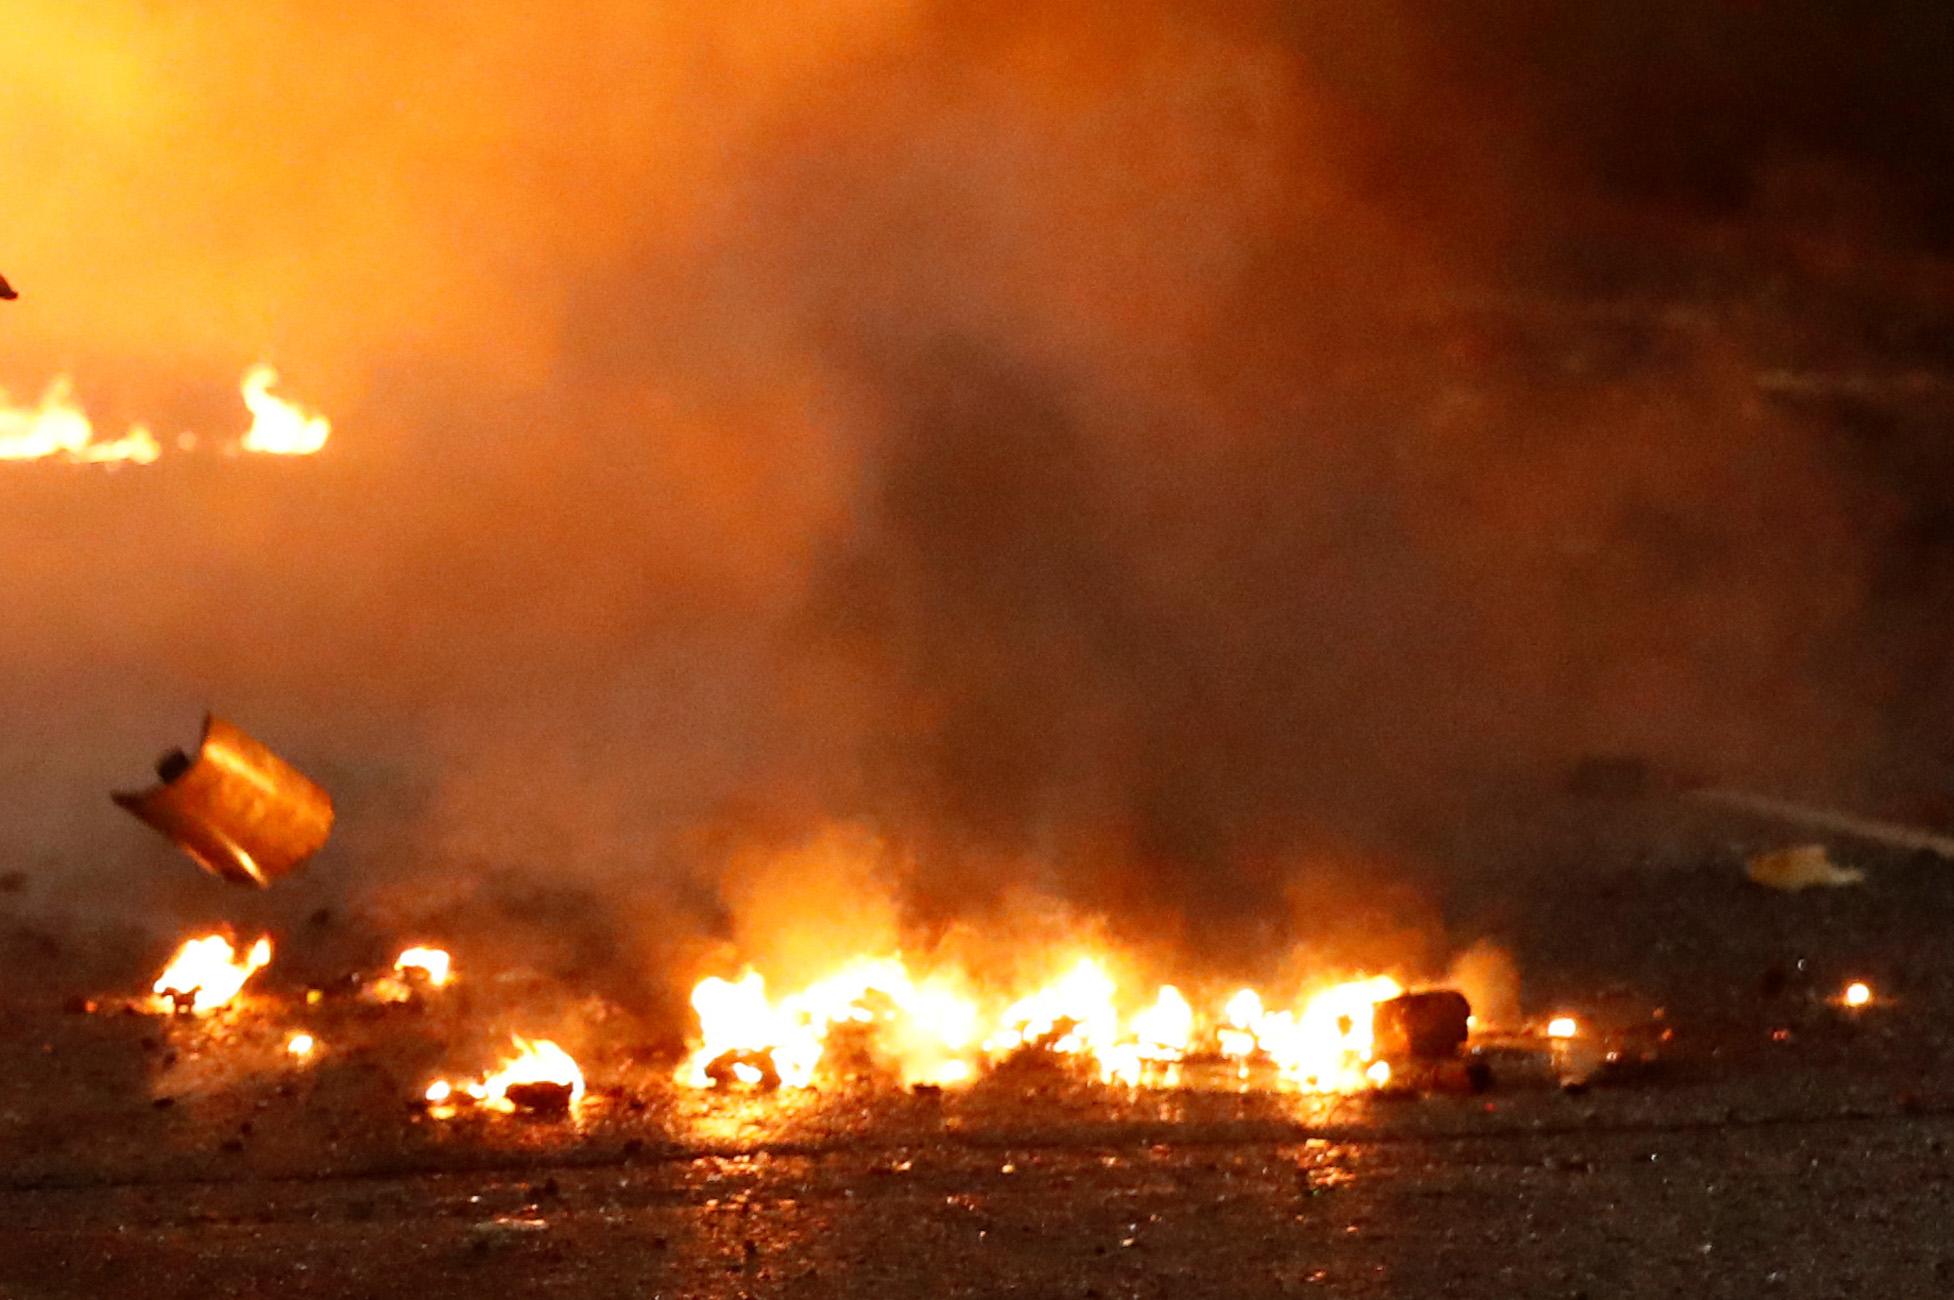 Κονγκό: Δεκάδες νεκροί μετά από τροχαίο ατύχημα με λεωφορείο